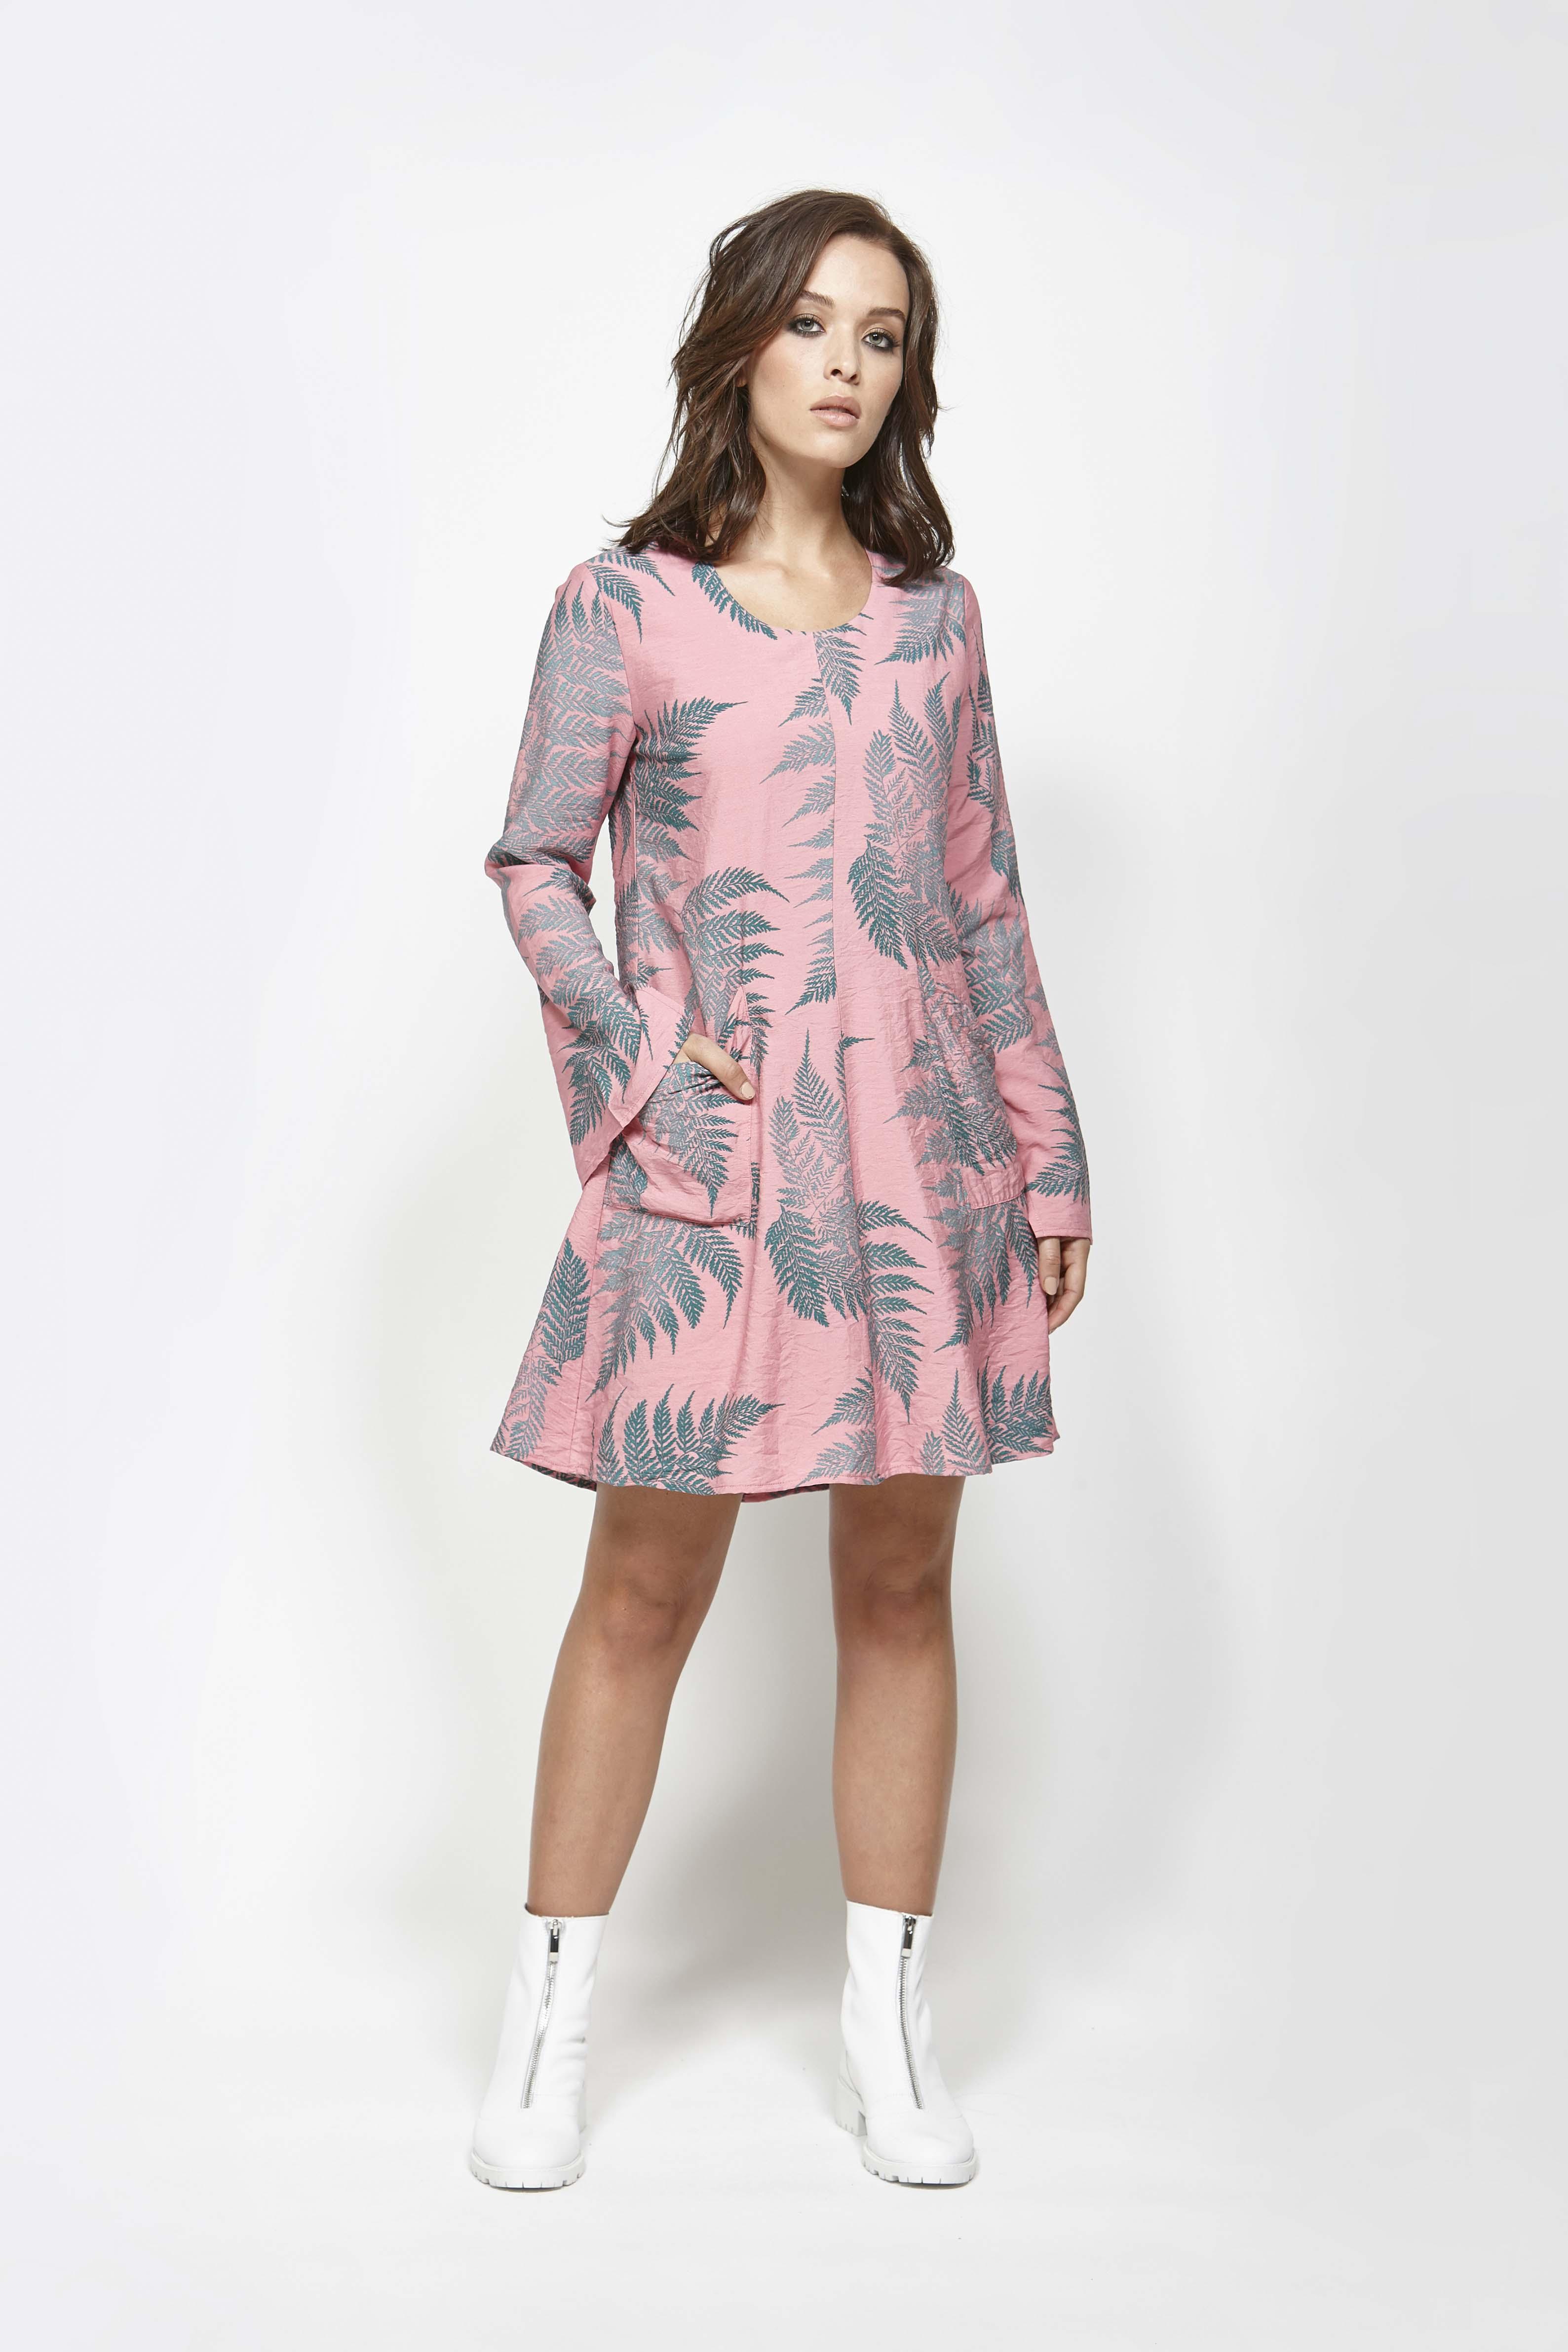 LEO+BE LB1350 Moment Dress, RRP$159.00